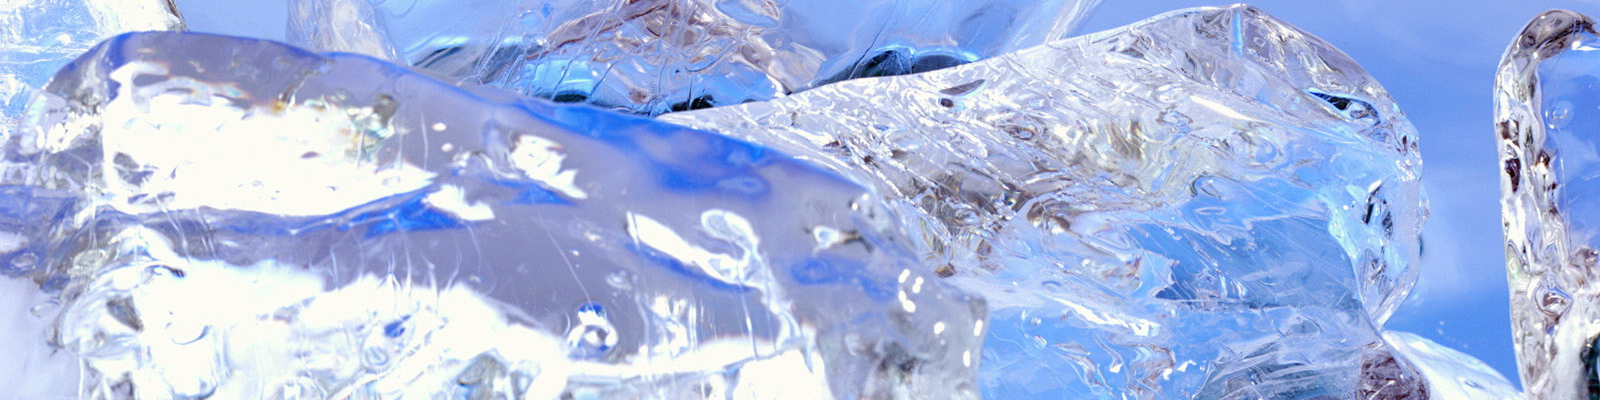 Procesos Industriales del Frio Madrid